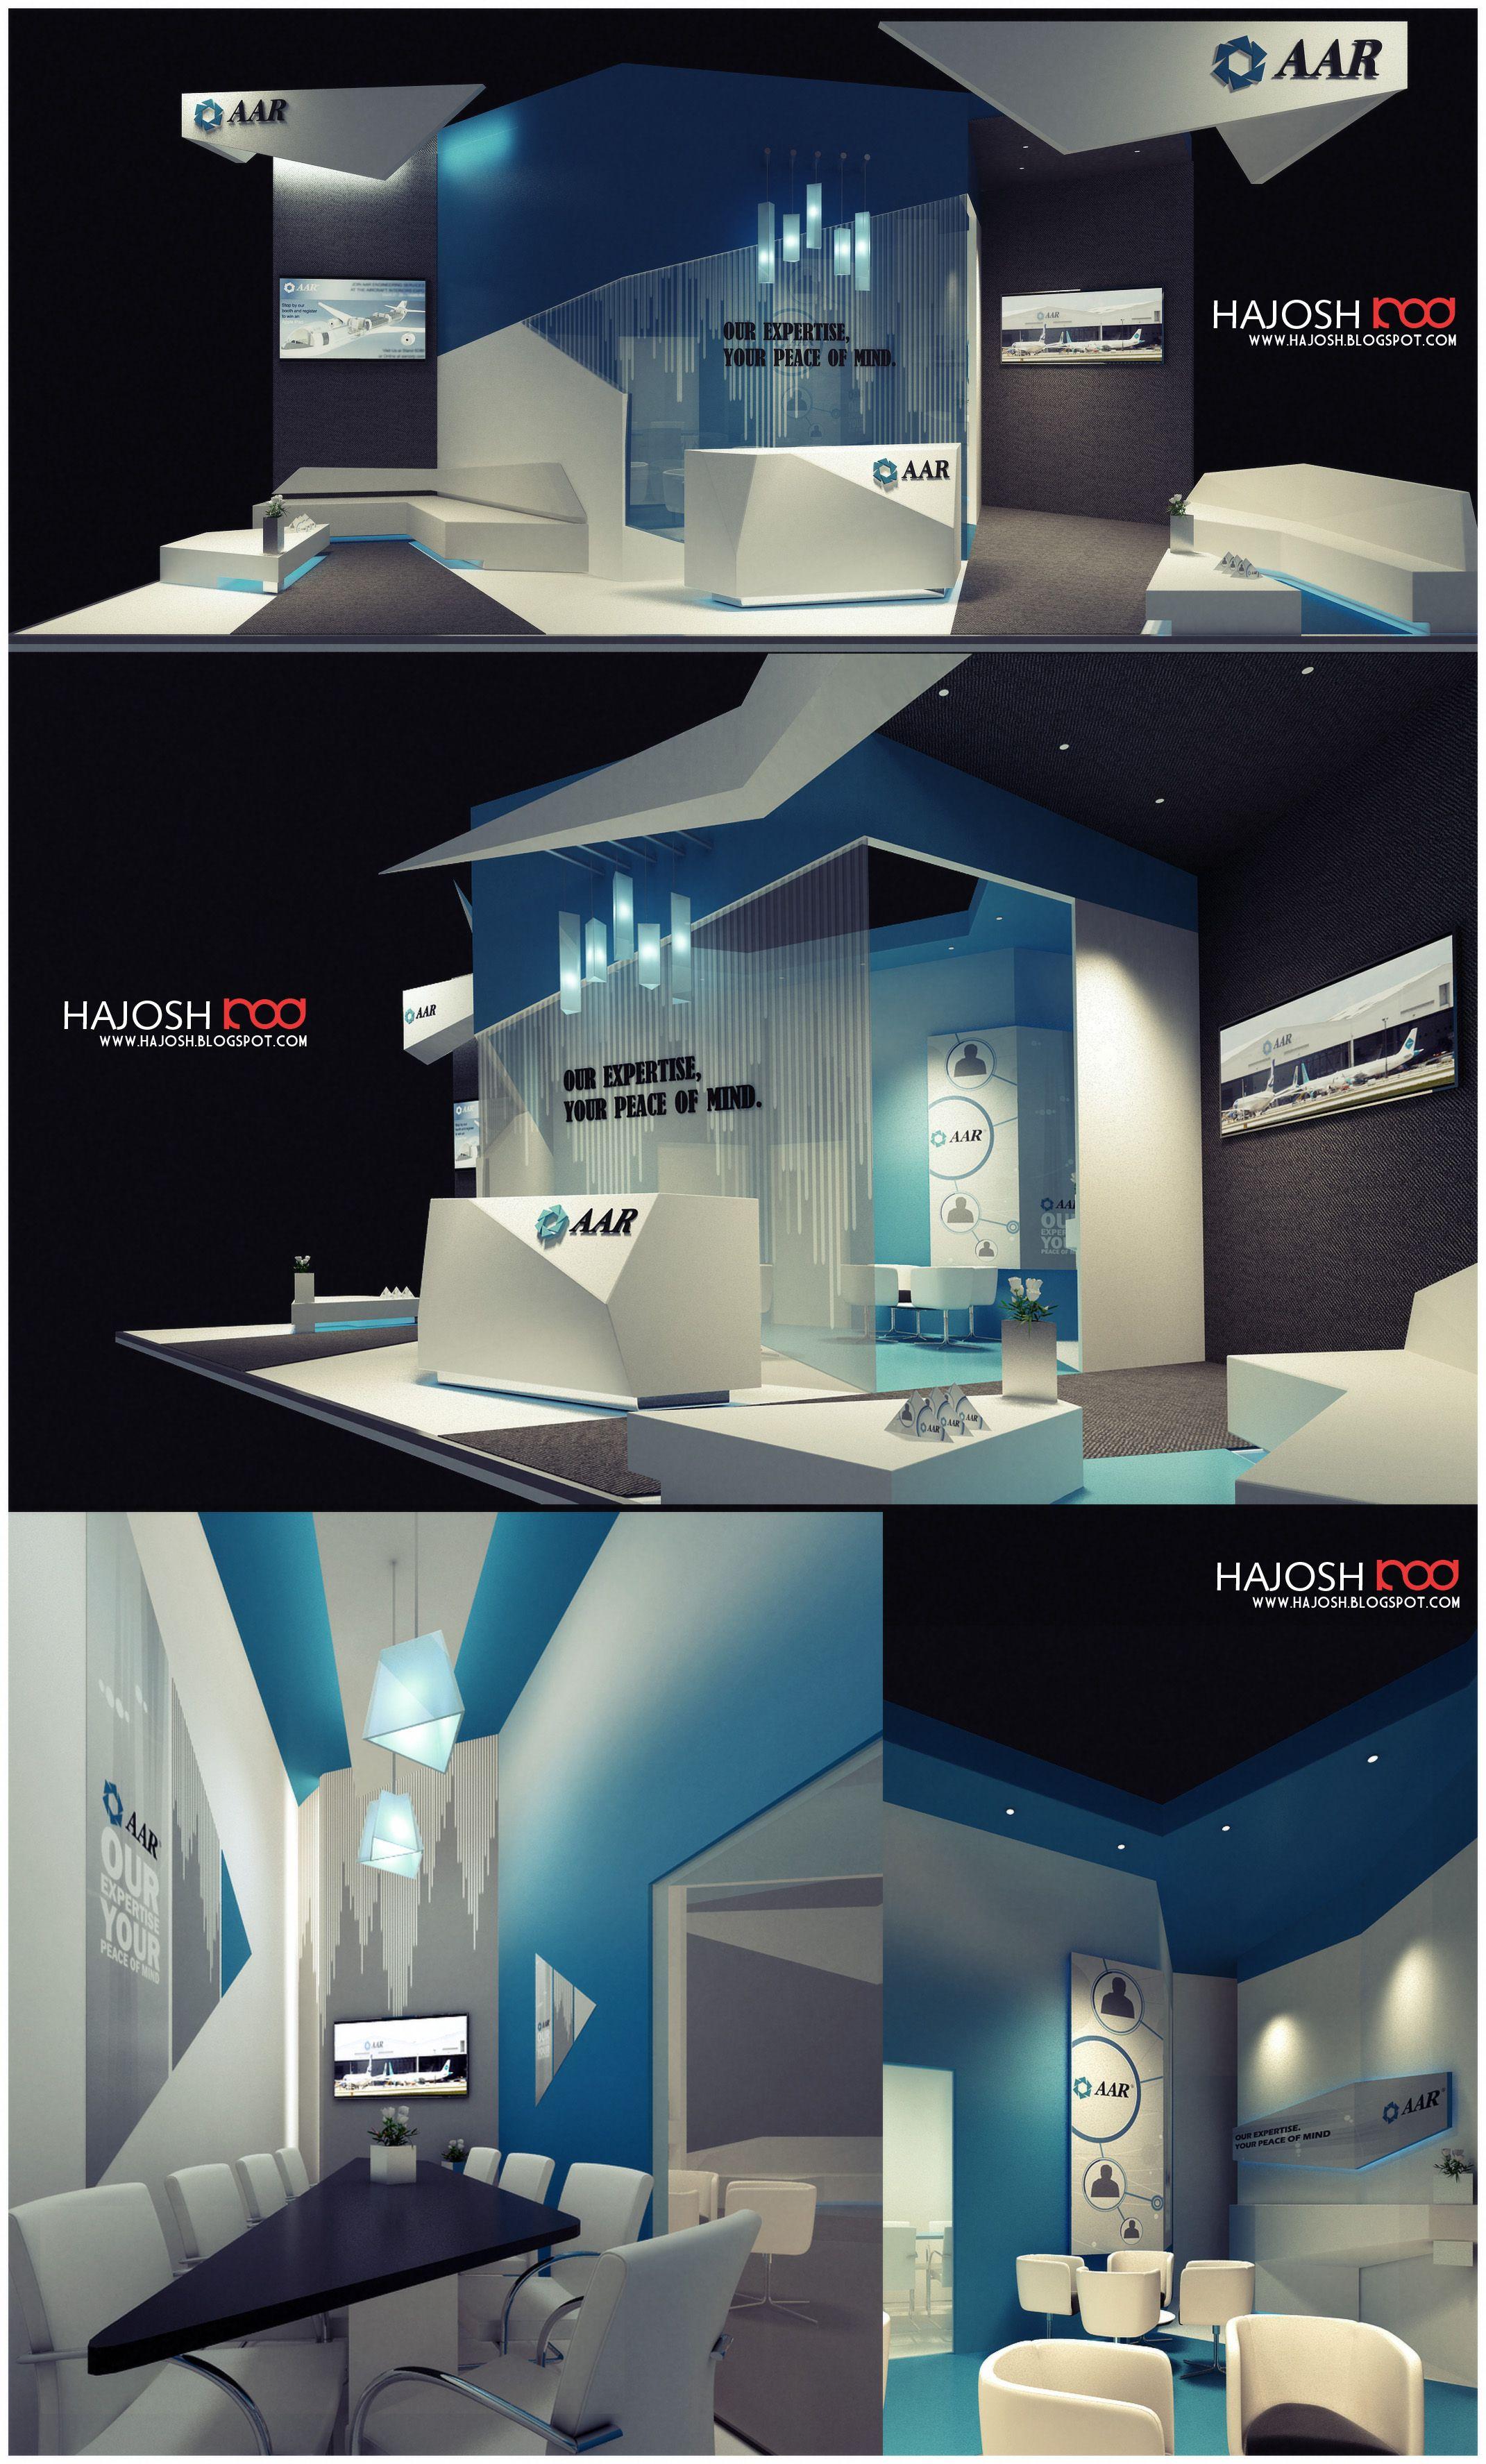 D Exhibition Designer Jobs In Dubai : Aar exhibition design dubai airshow exhibiton